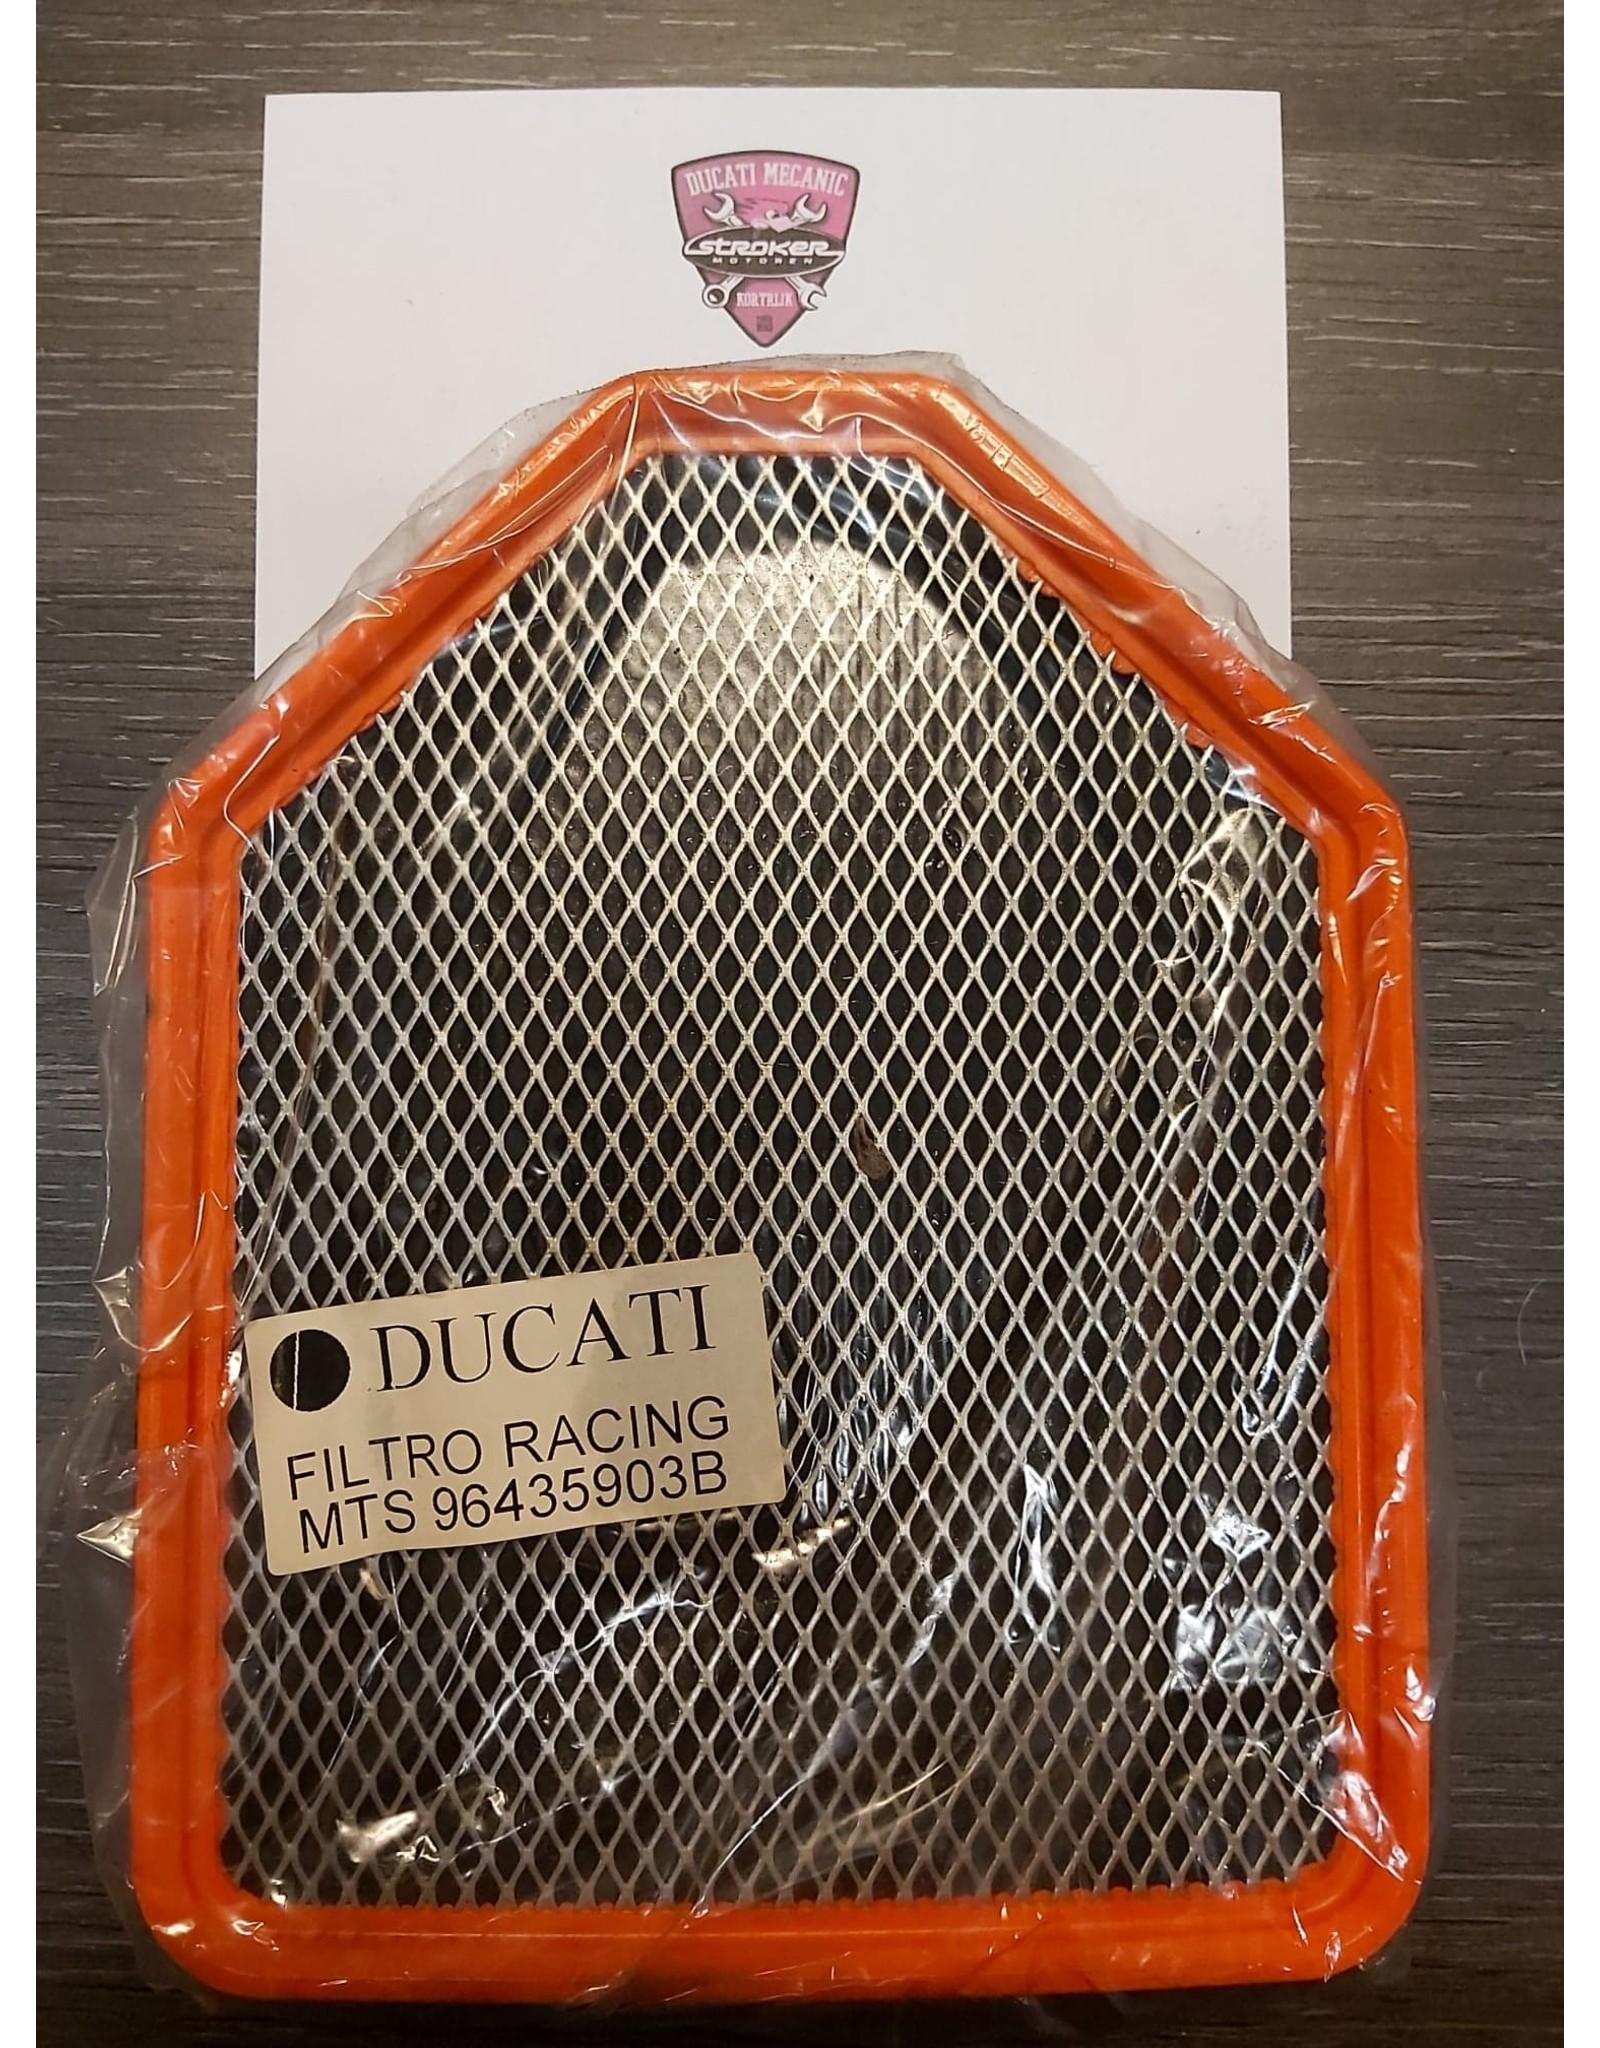 Ducati DUCATI PERFORMANCE RACING AIR FILTER 96435903B